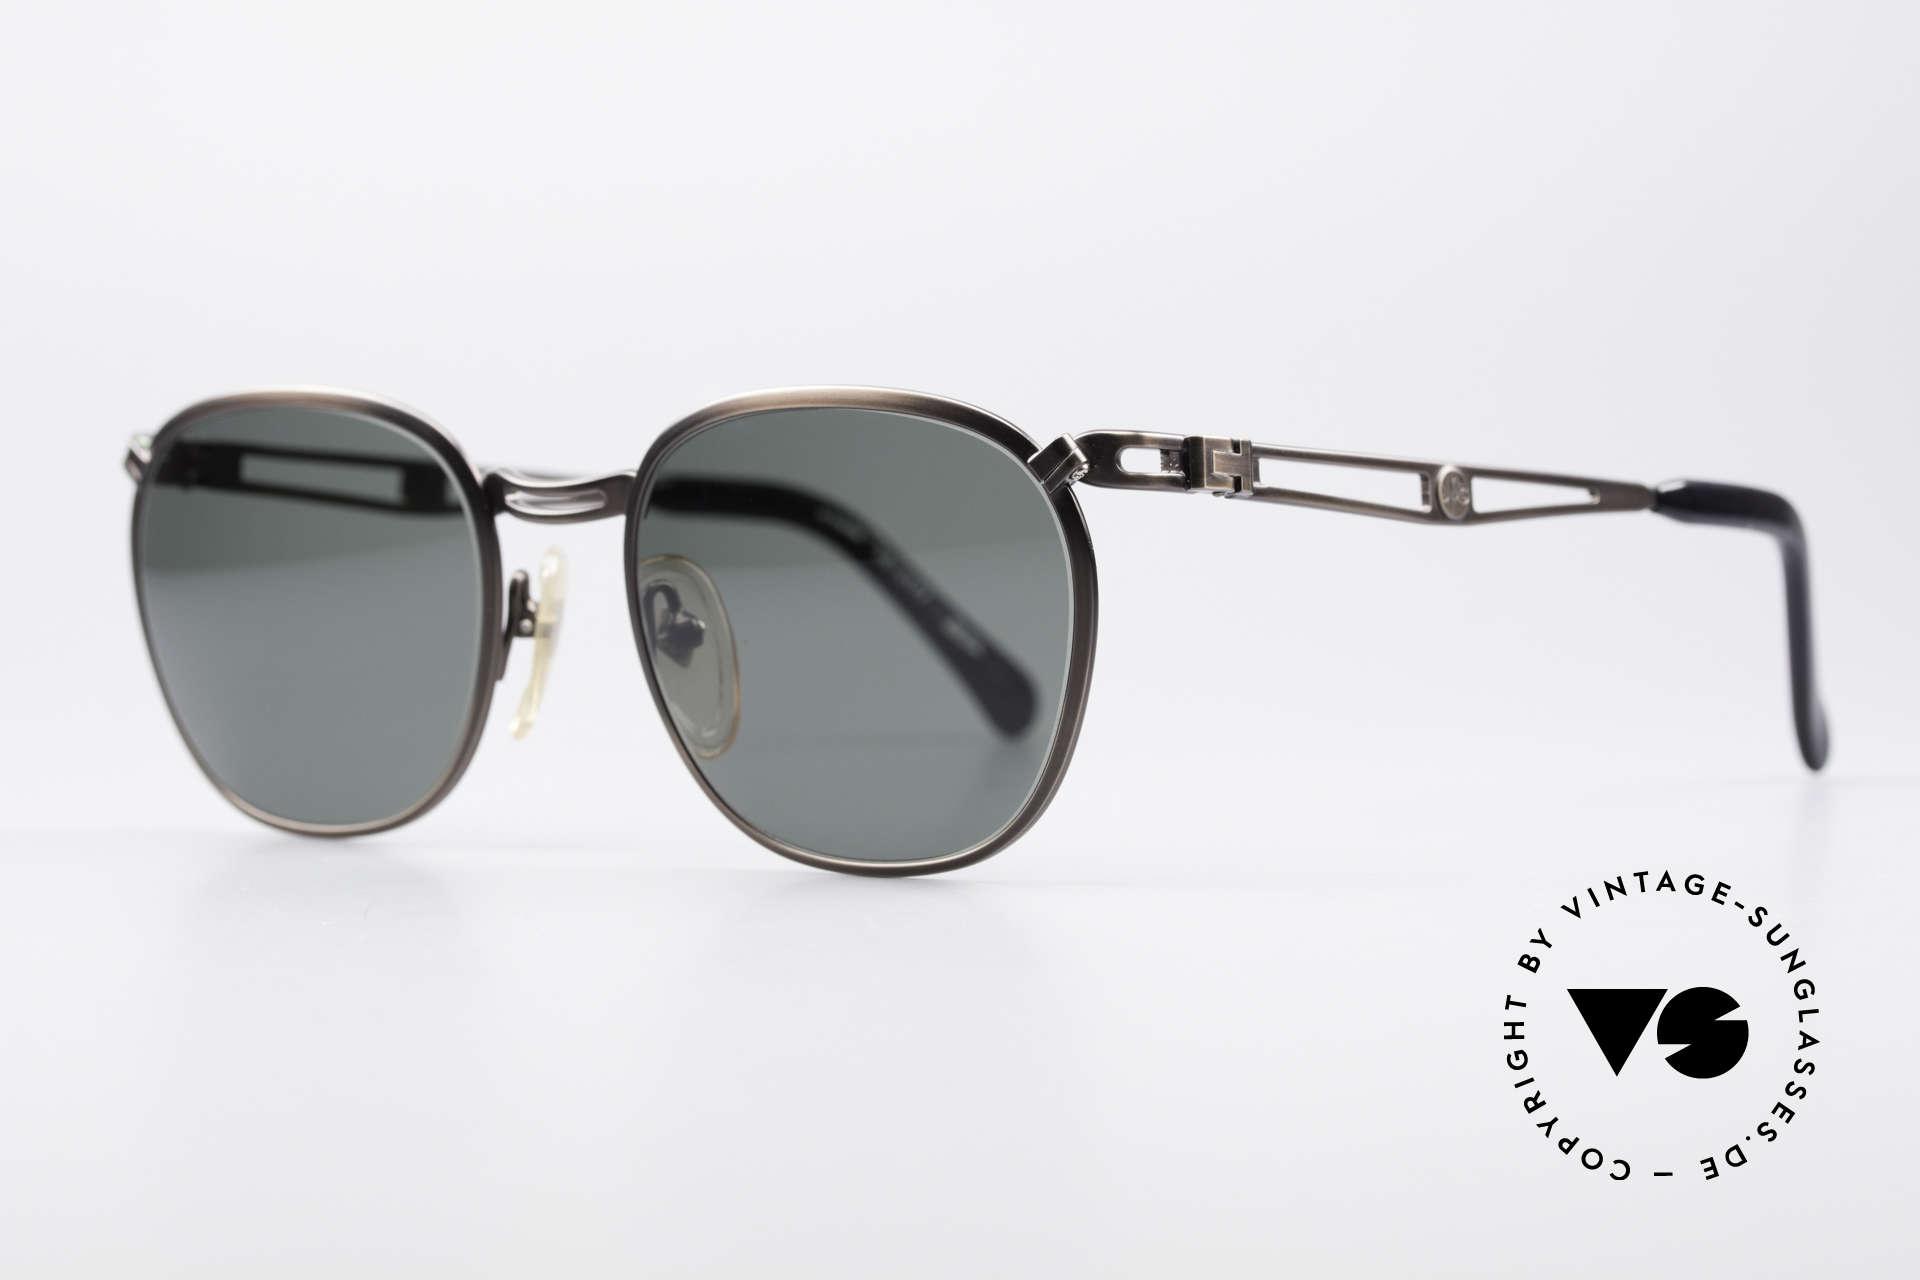 Jean Paul Gaultier 56-2177 Rare Designer Sonnenbrille, aber gewohnte Spitzen-Qualität; wie aus einem Stück, Passend für Herren und Damen